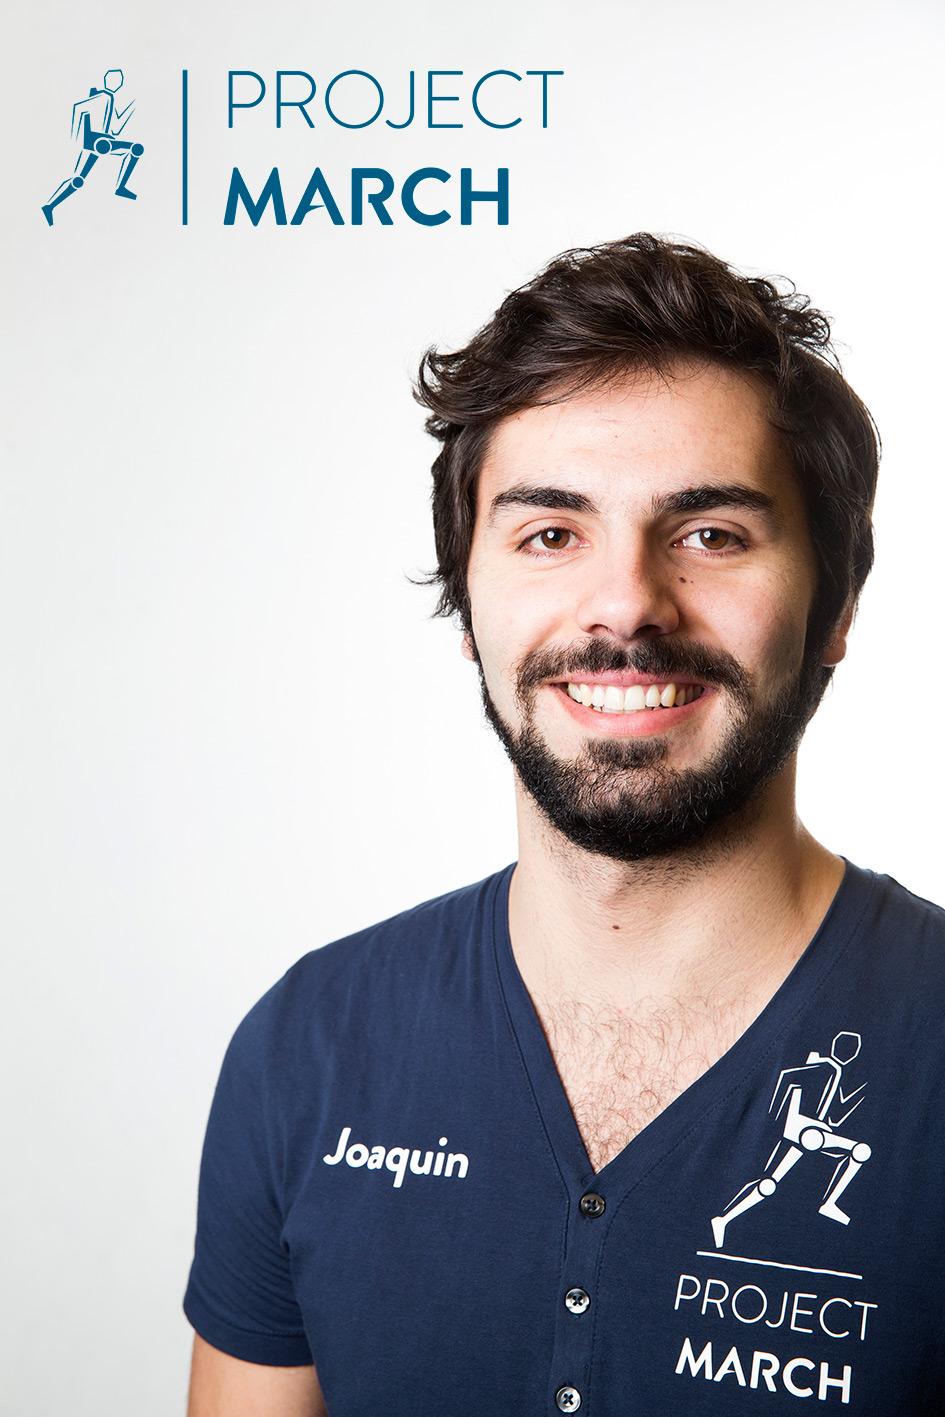 Joaquín Peñalver - Control Engineer